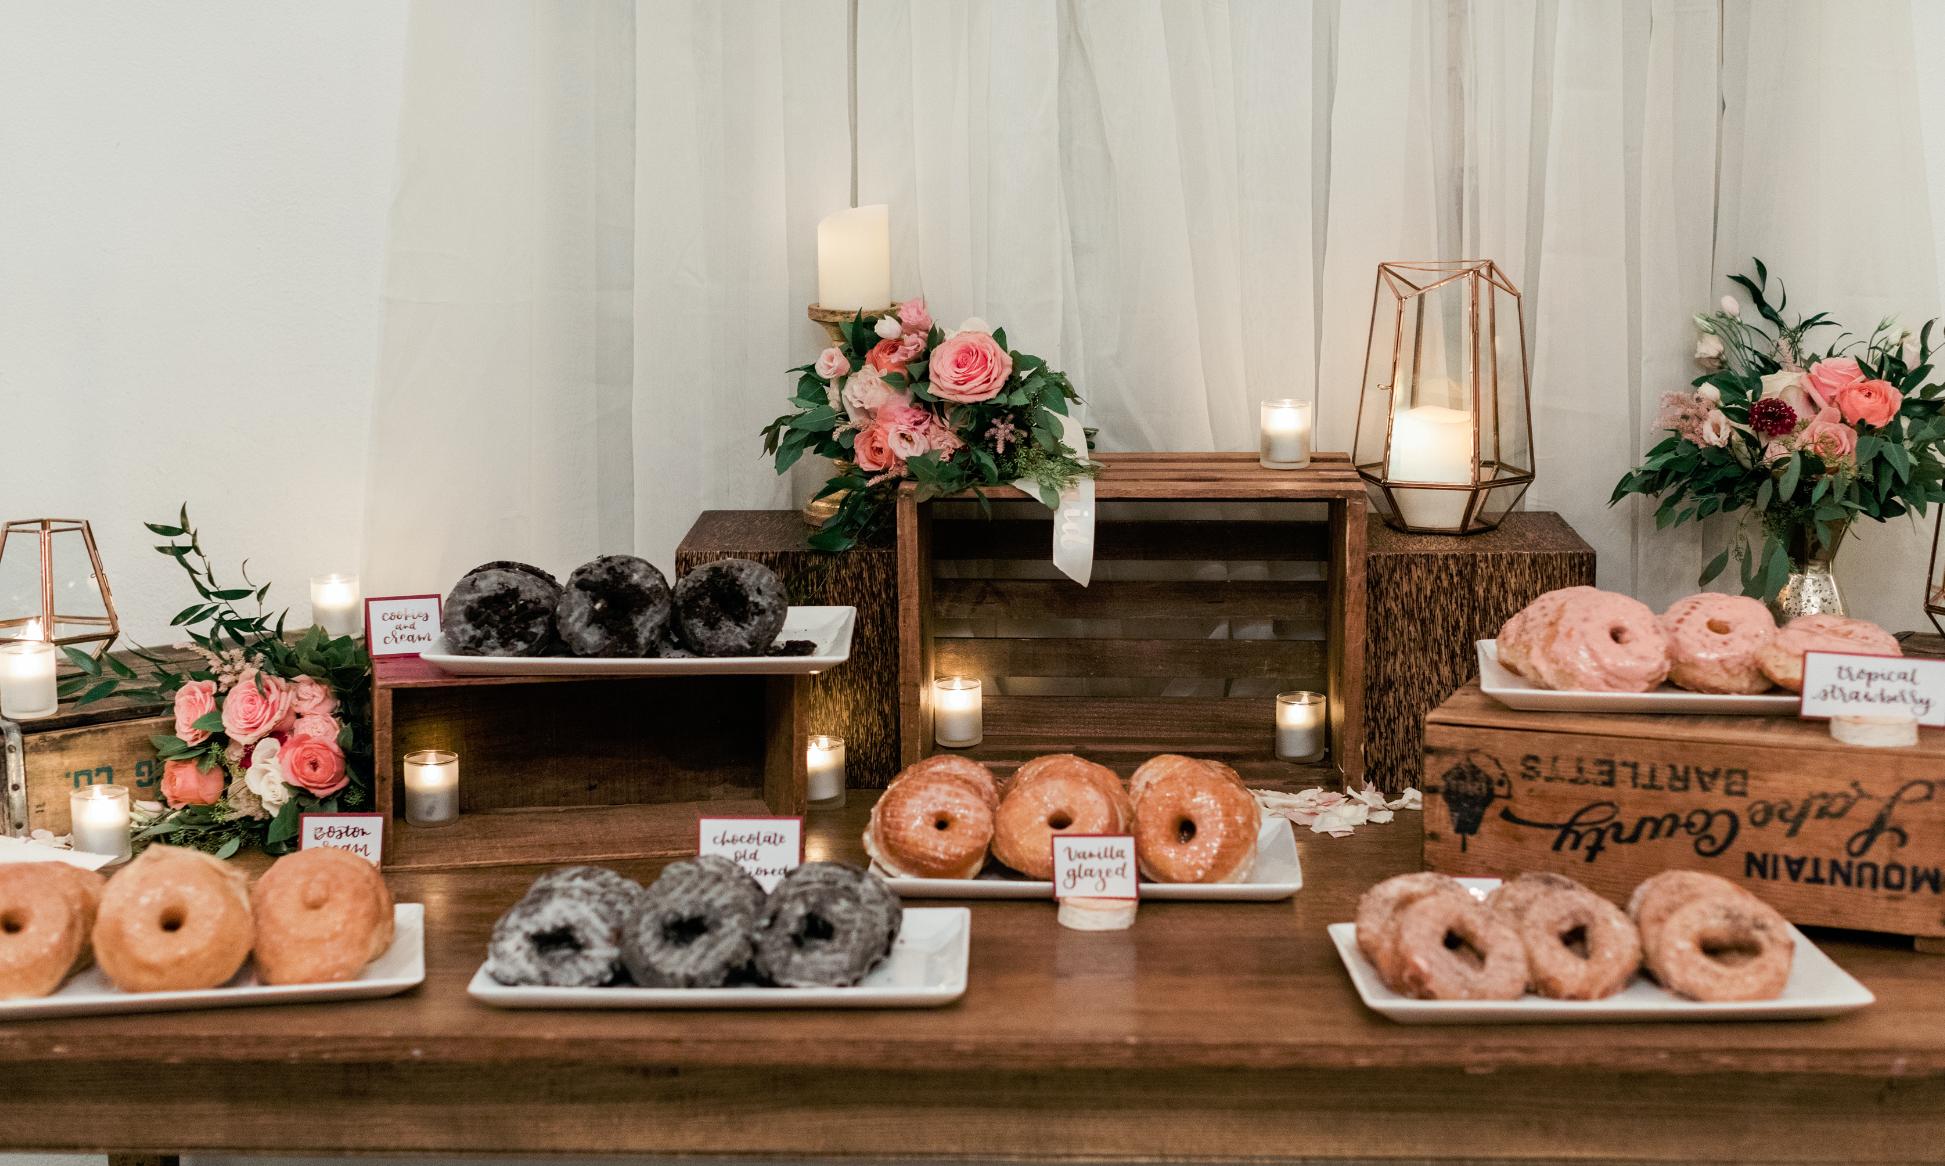 Donut Bar Dessert Station For A Shower Celebration Or Wedding